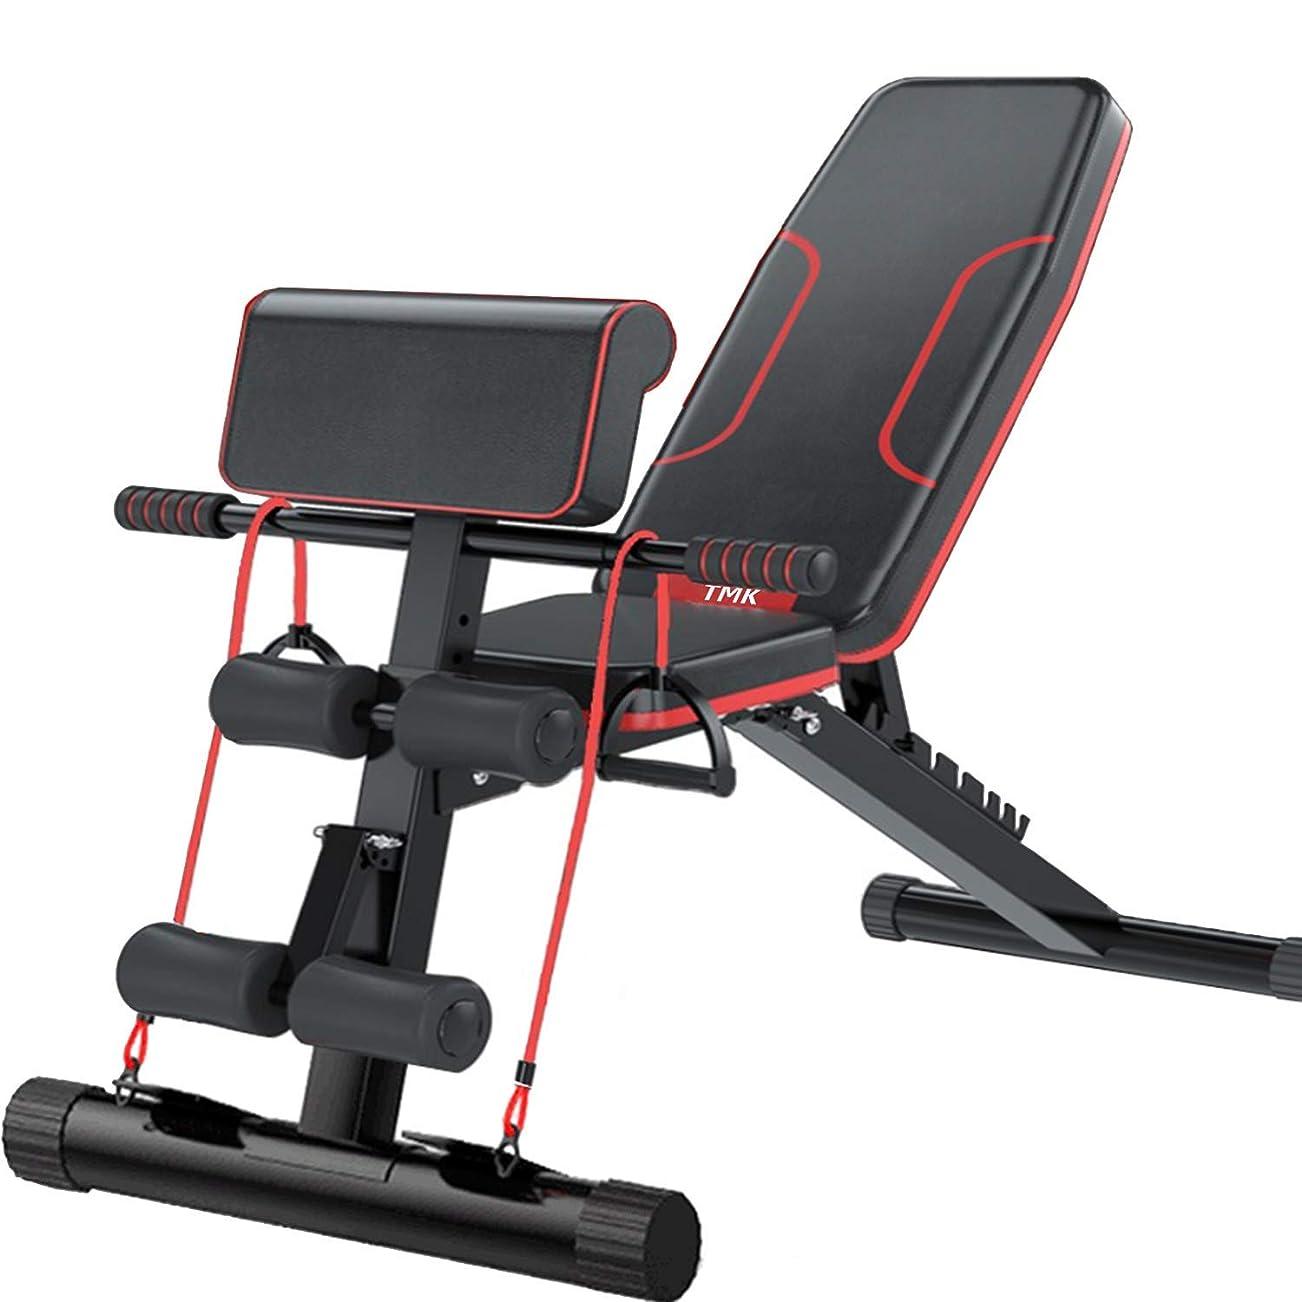 シールド慣らす大胆不敵MIZUNO(ミズノ) 健康用具 トレーニング座椅子 腹筋プルレ C3JHI801